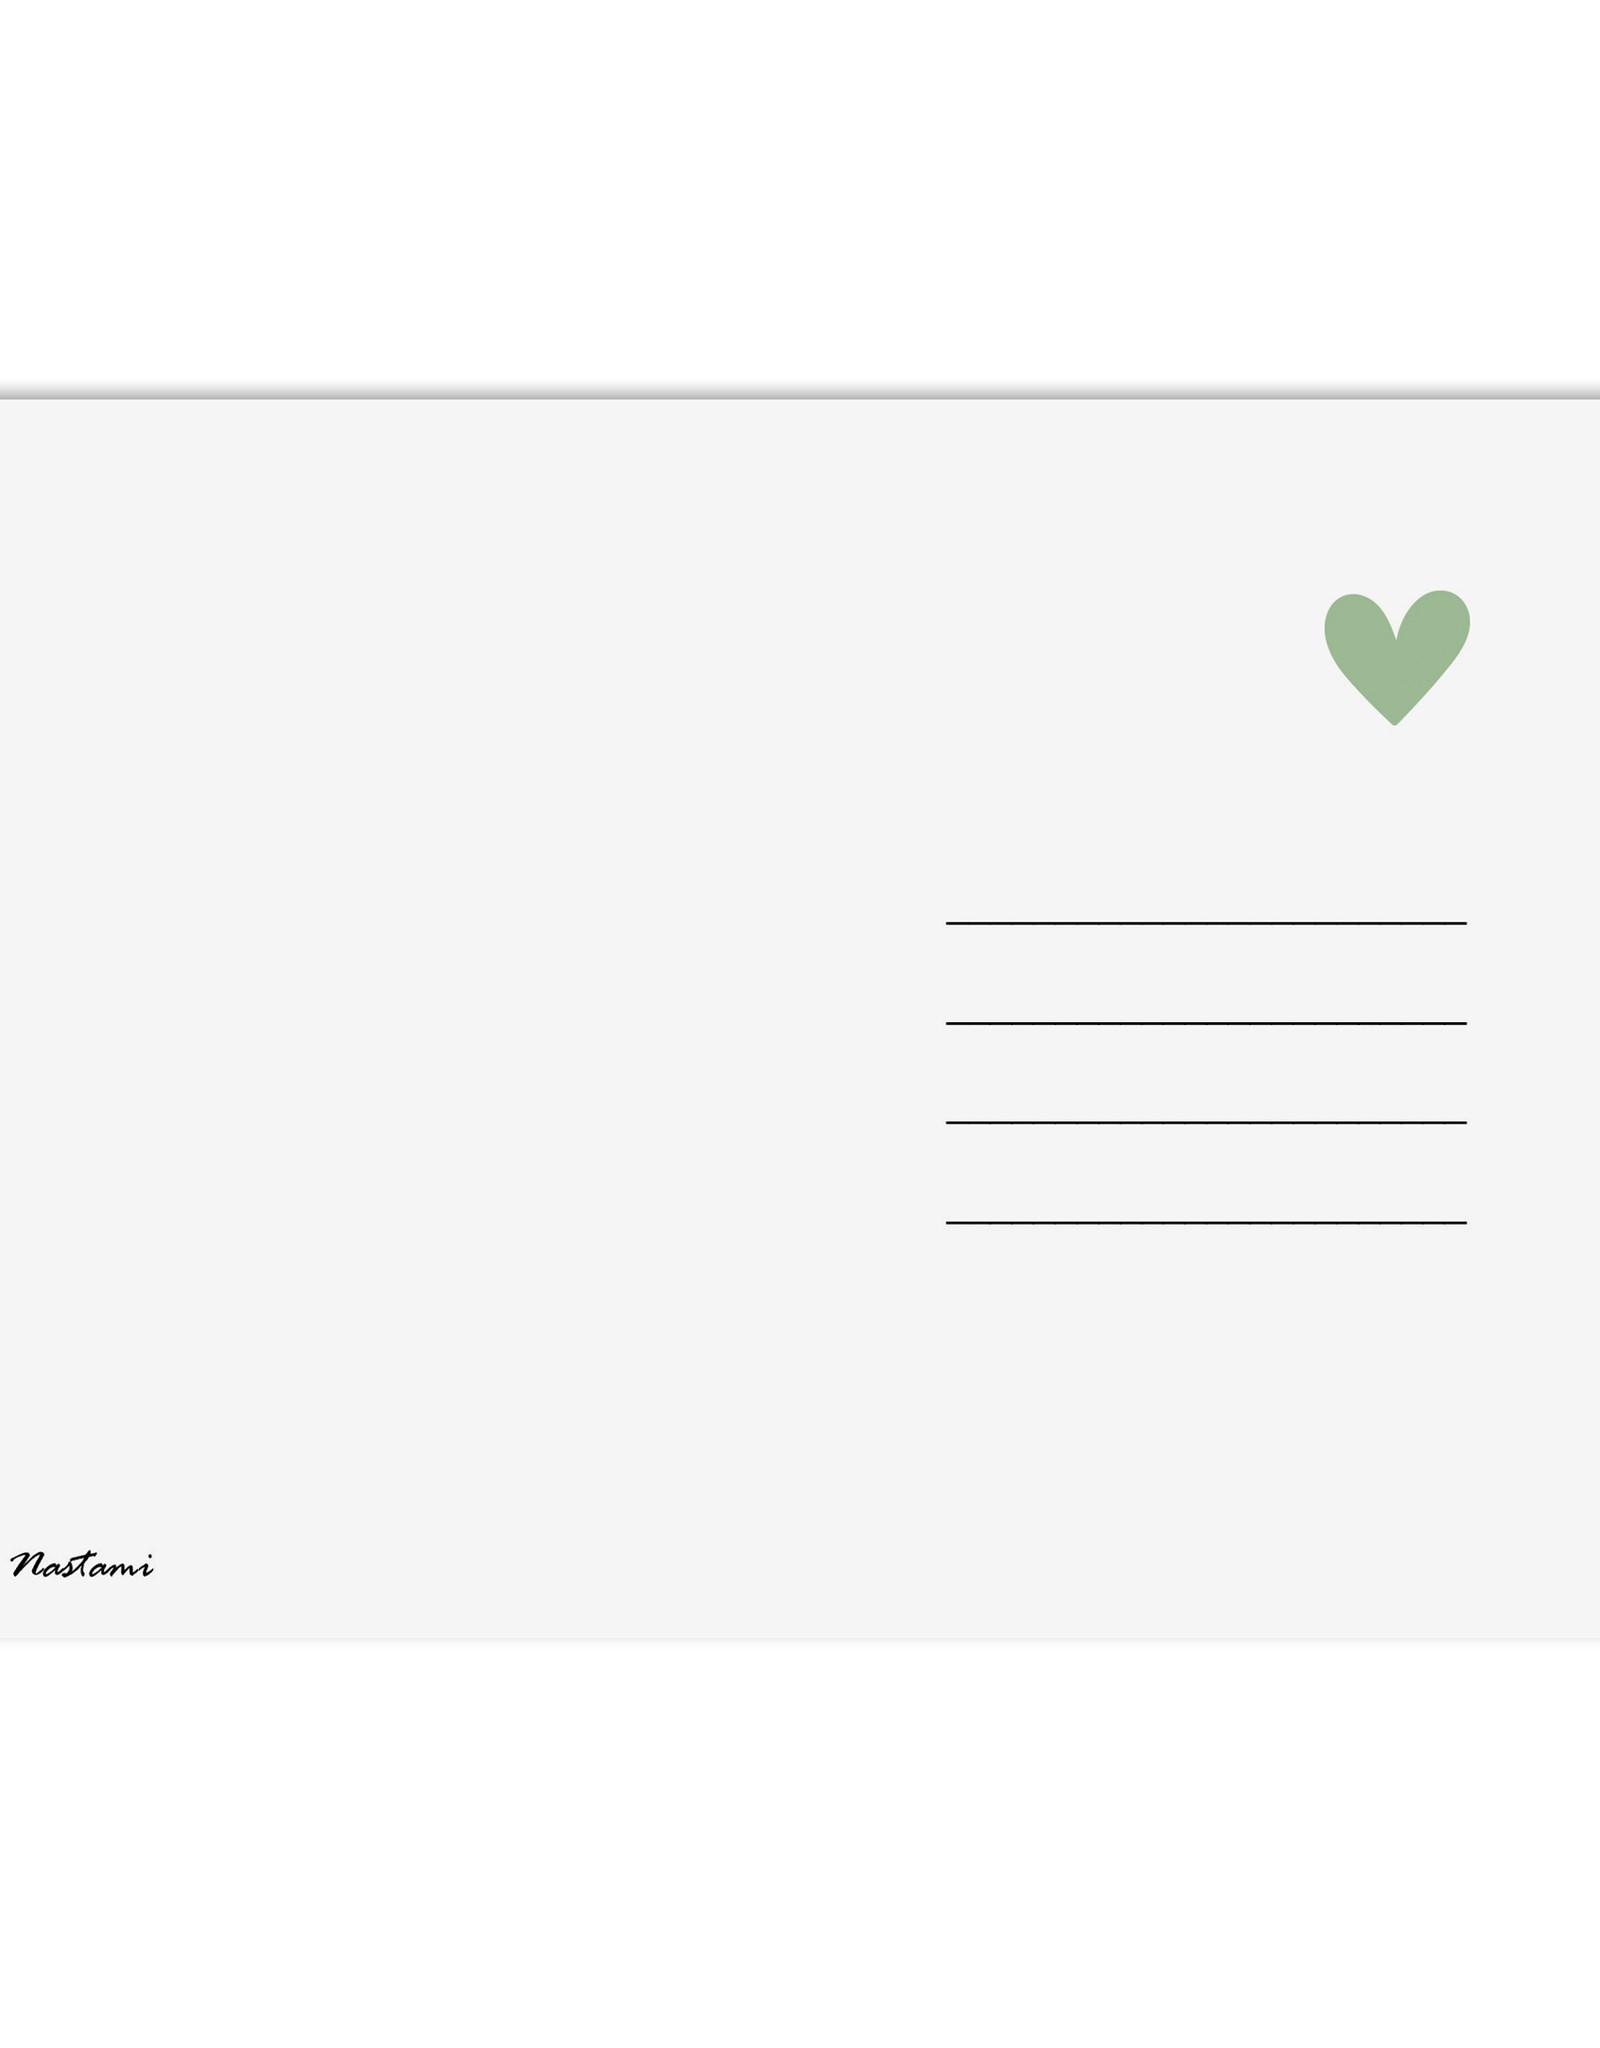 Postkarte HERZRASEN kann man nicht mähen Postkarte Liebe, Postkarten Sprüche, Postkarte Sprüche, Valentinstag Sprüchekarte